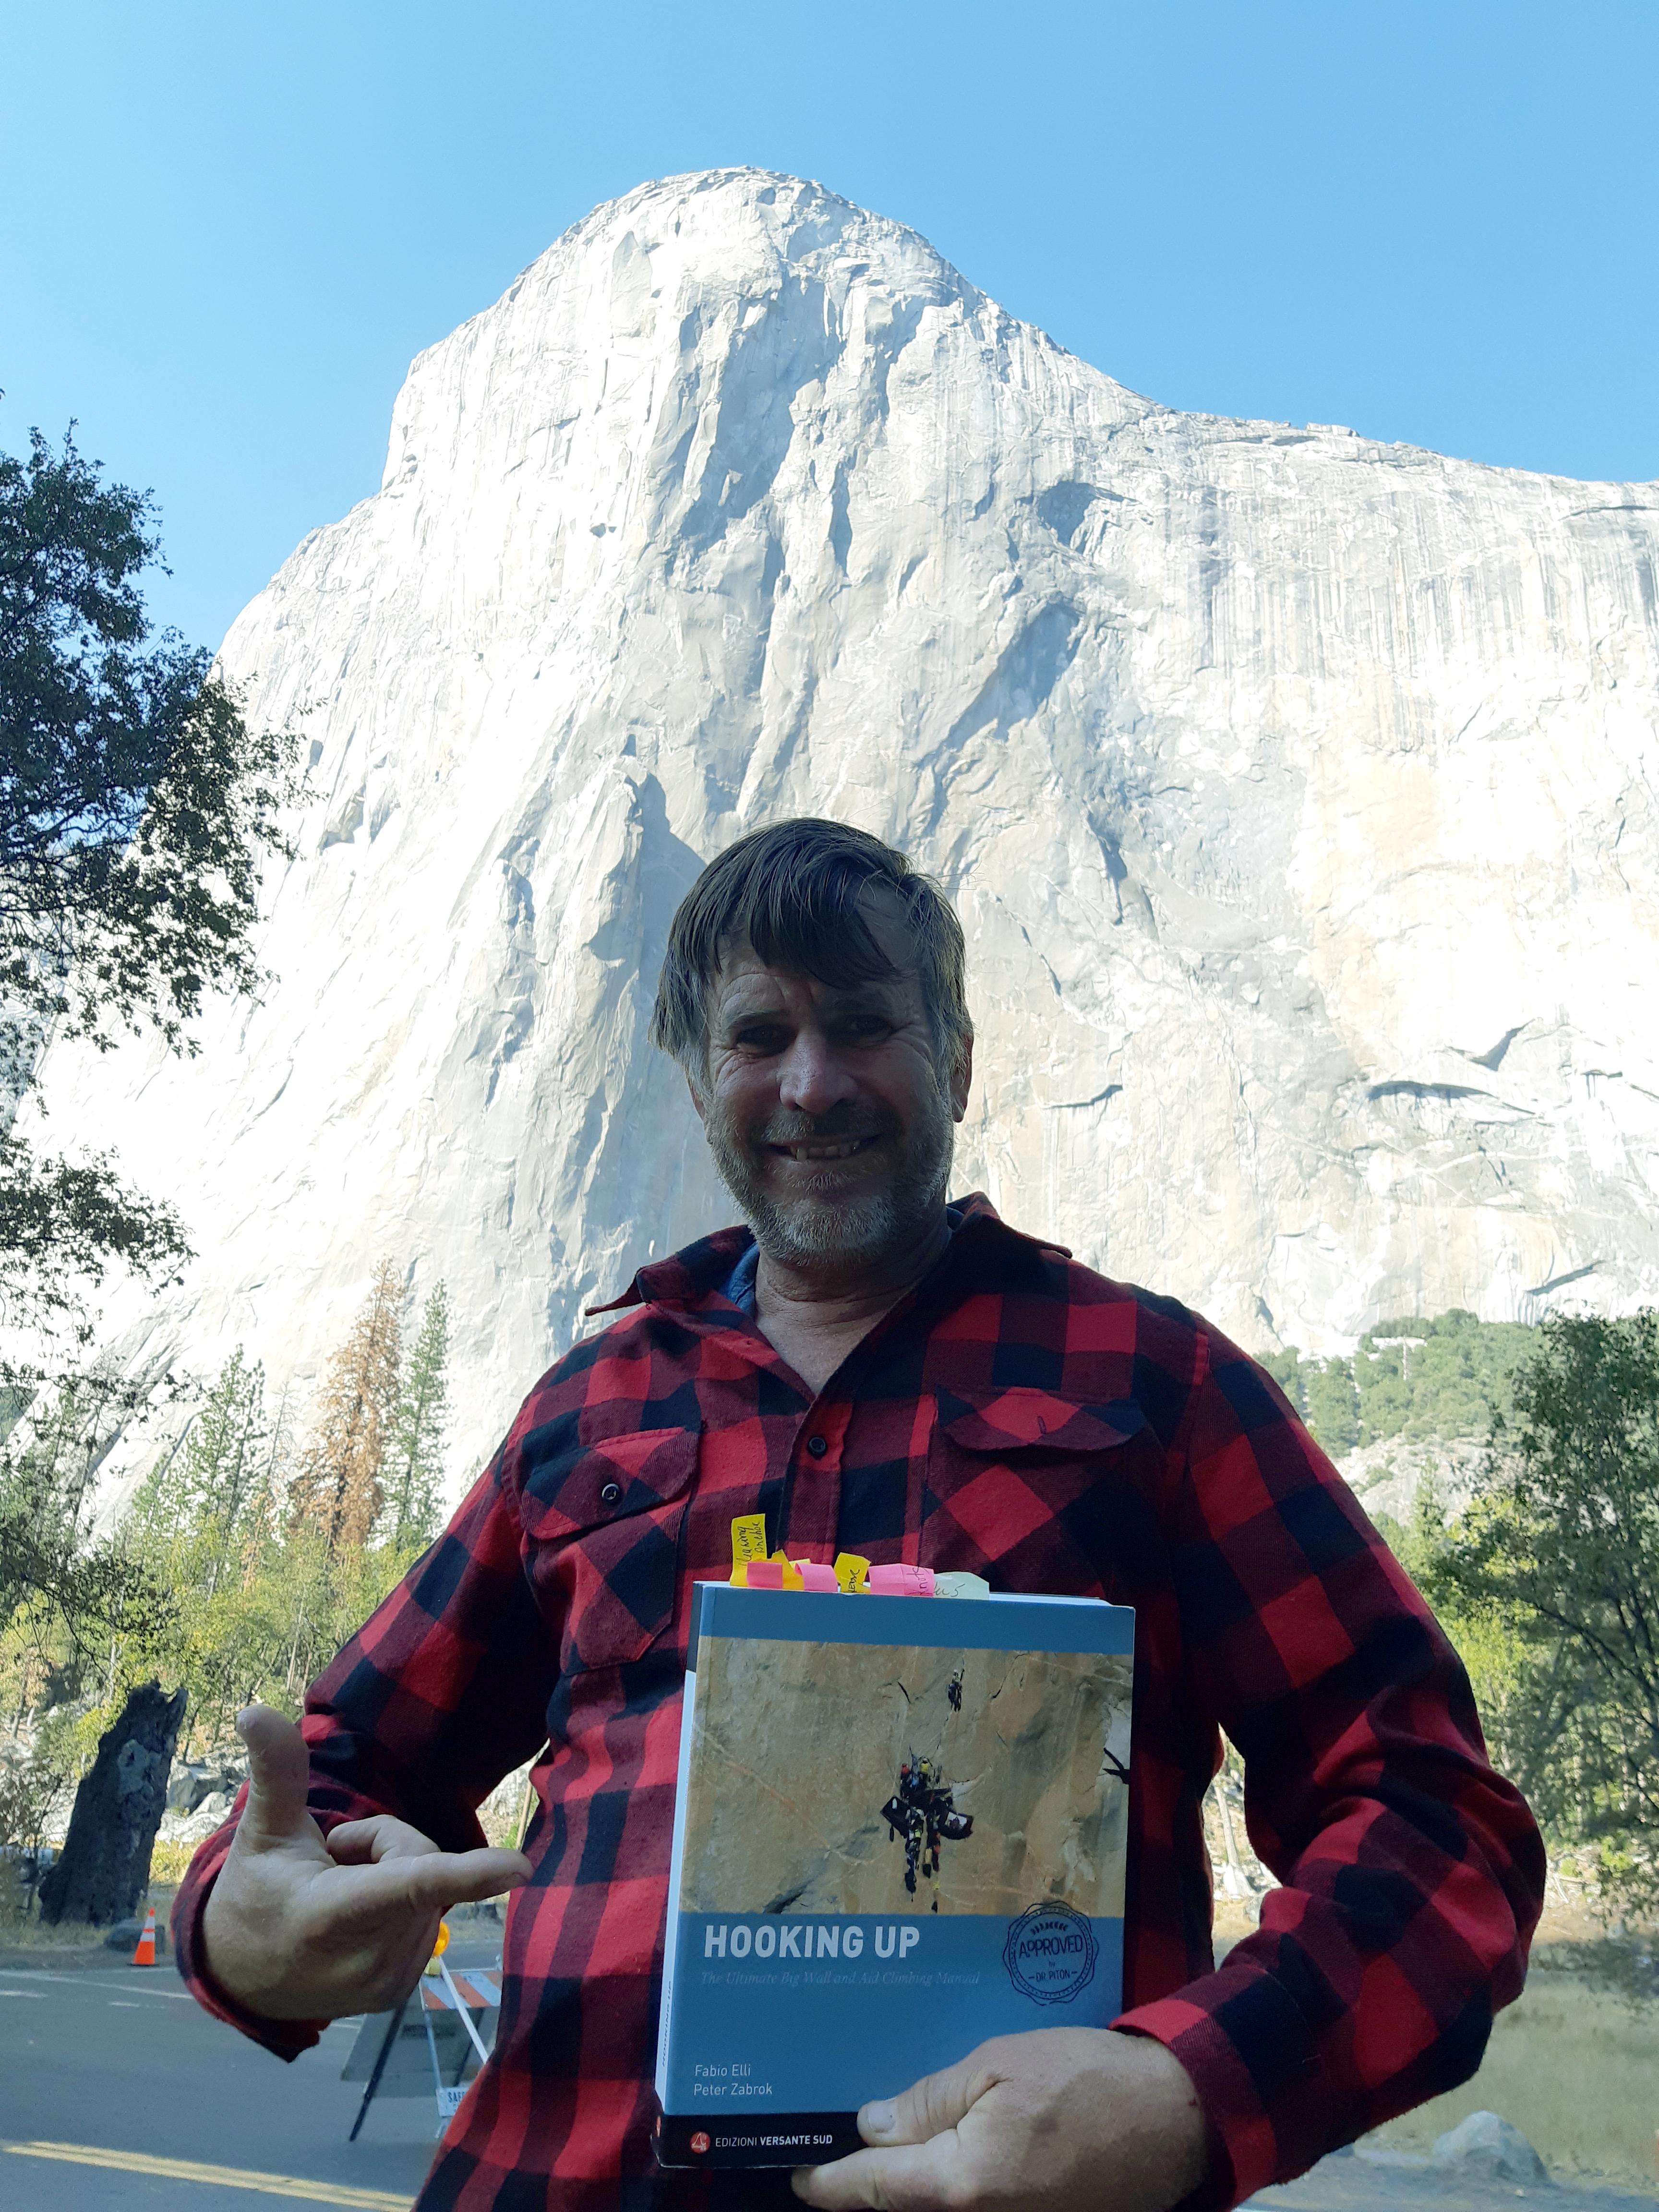 Zabrok with his book below El Cap (Tu-Tok-A-Nu-La). [Photo] Peter Zabrok collection